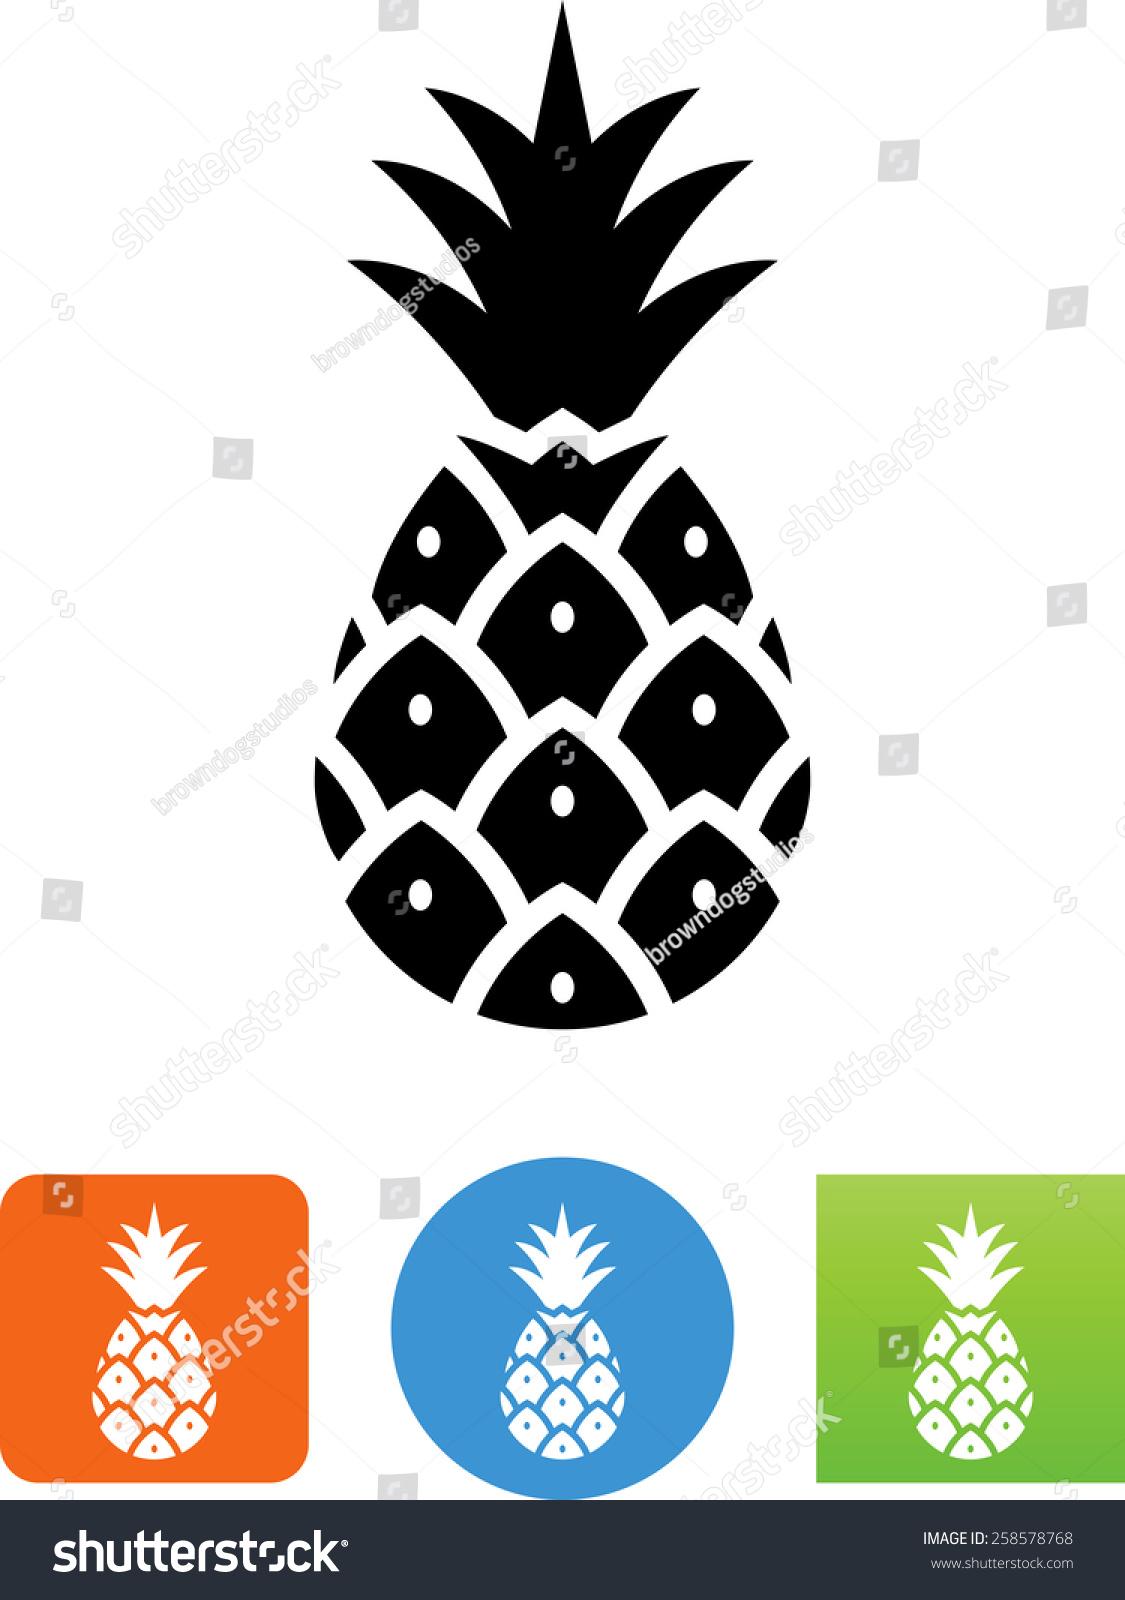 菠萝创意设计黑白